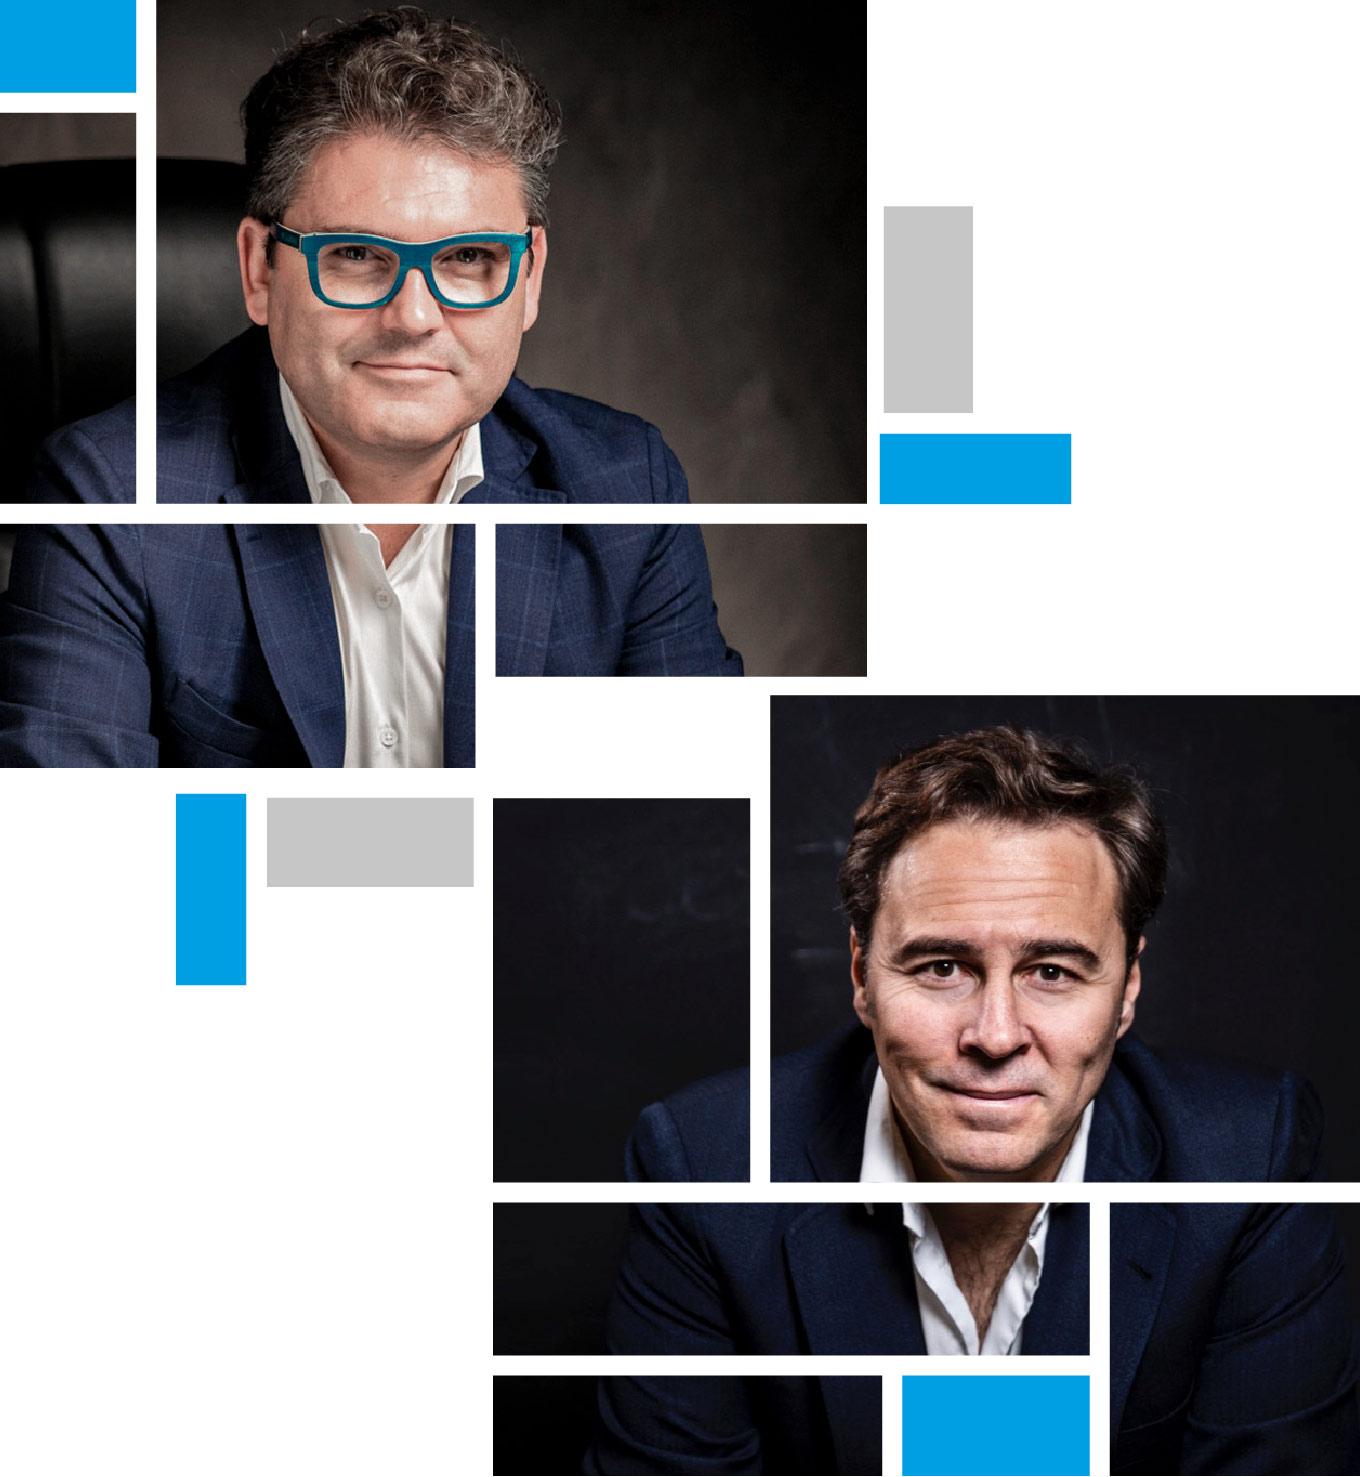 Encuentros digitales - Marc Vidal y Dimas Gimeno